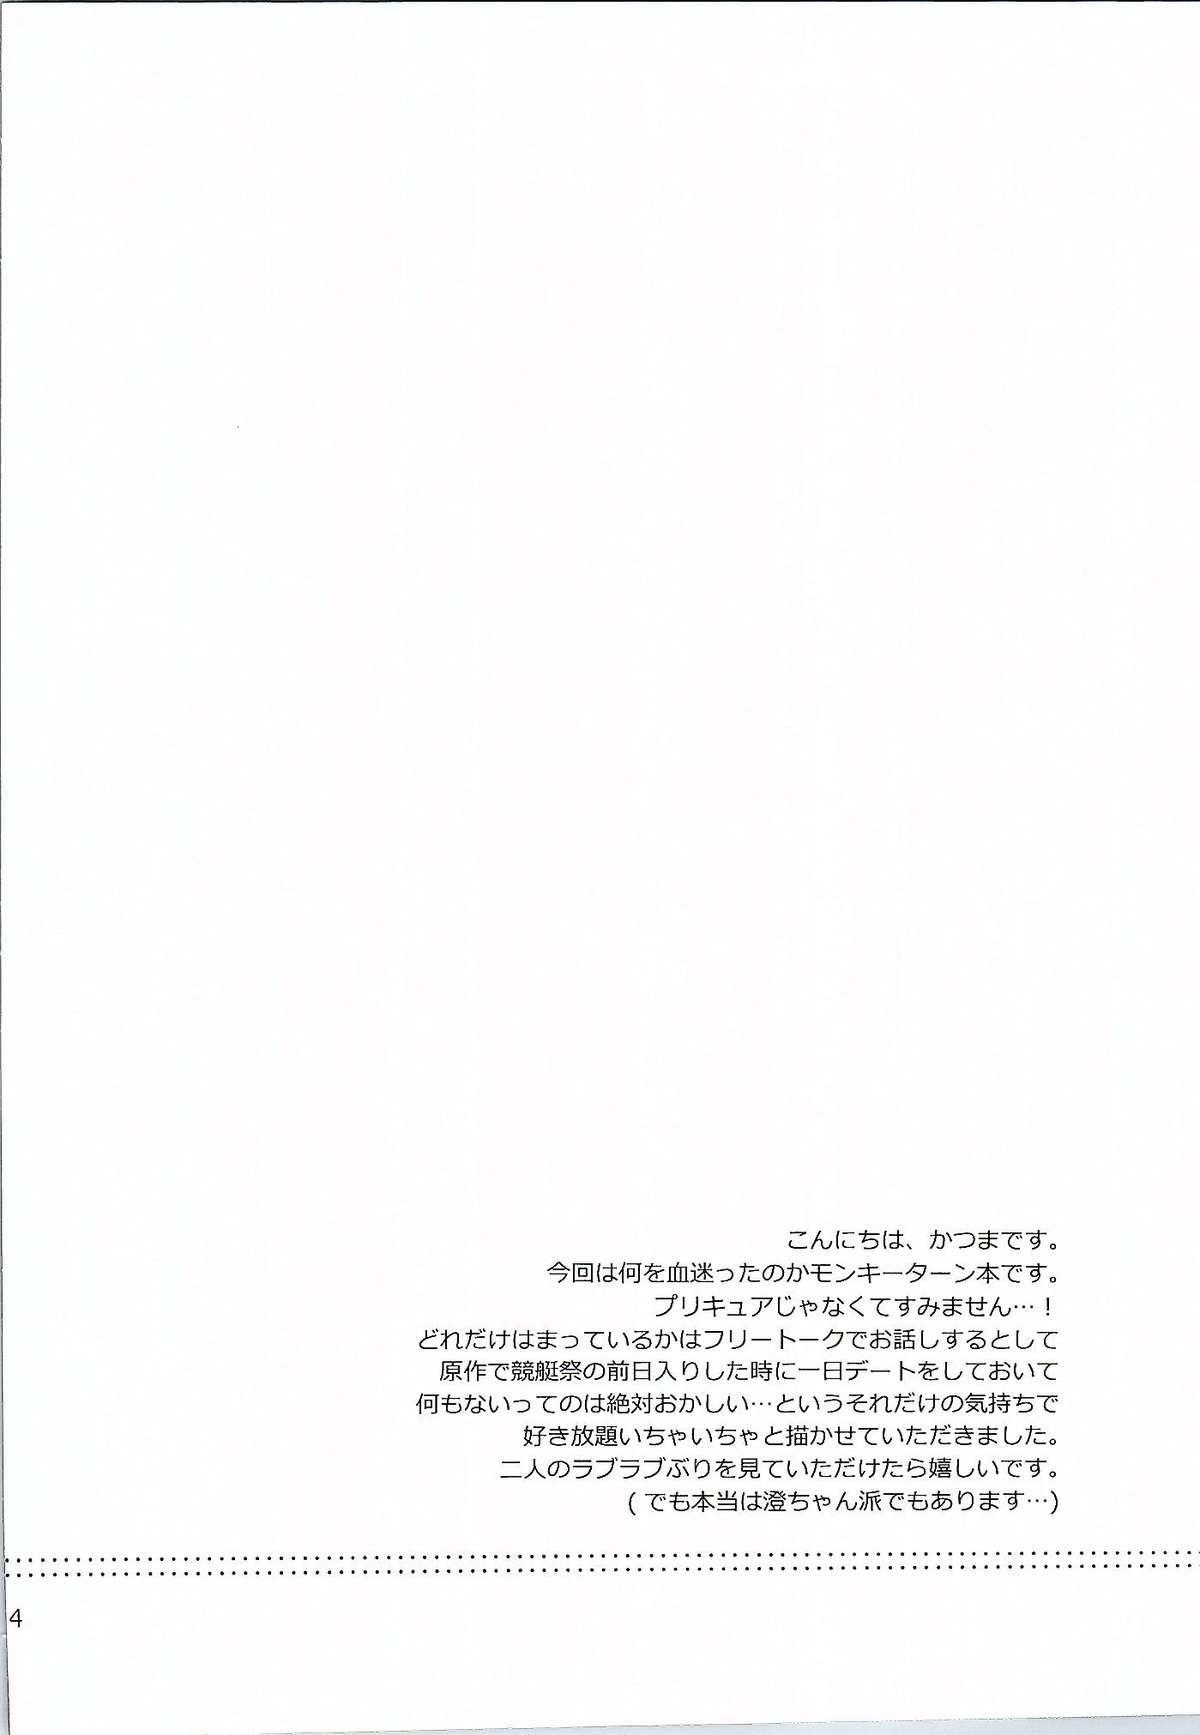 Aoshima-san to Hatano ga Saisho de Saigo no Date de Nani o Shitaka. 2